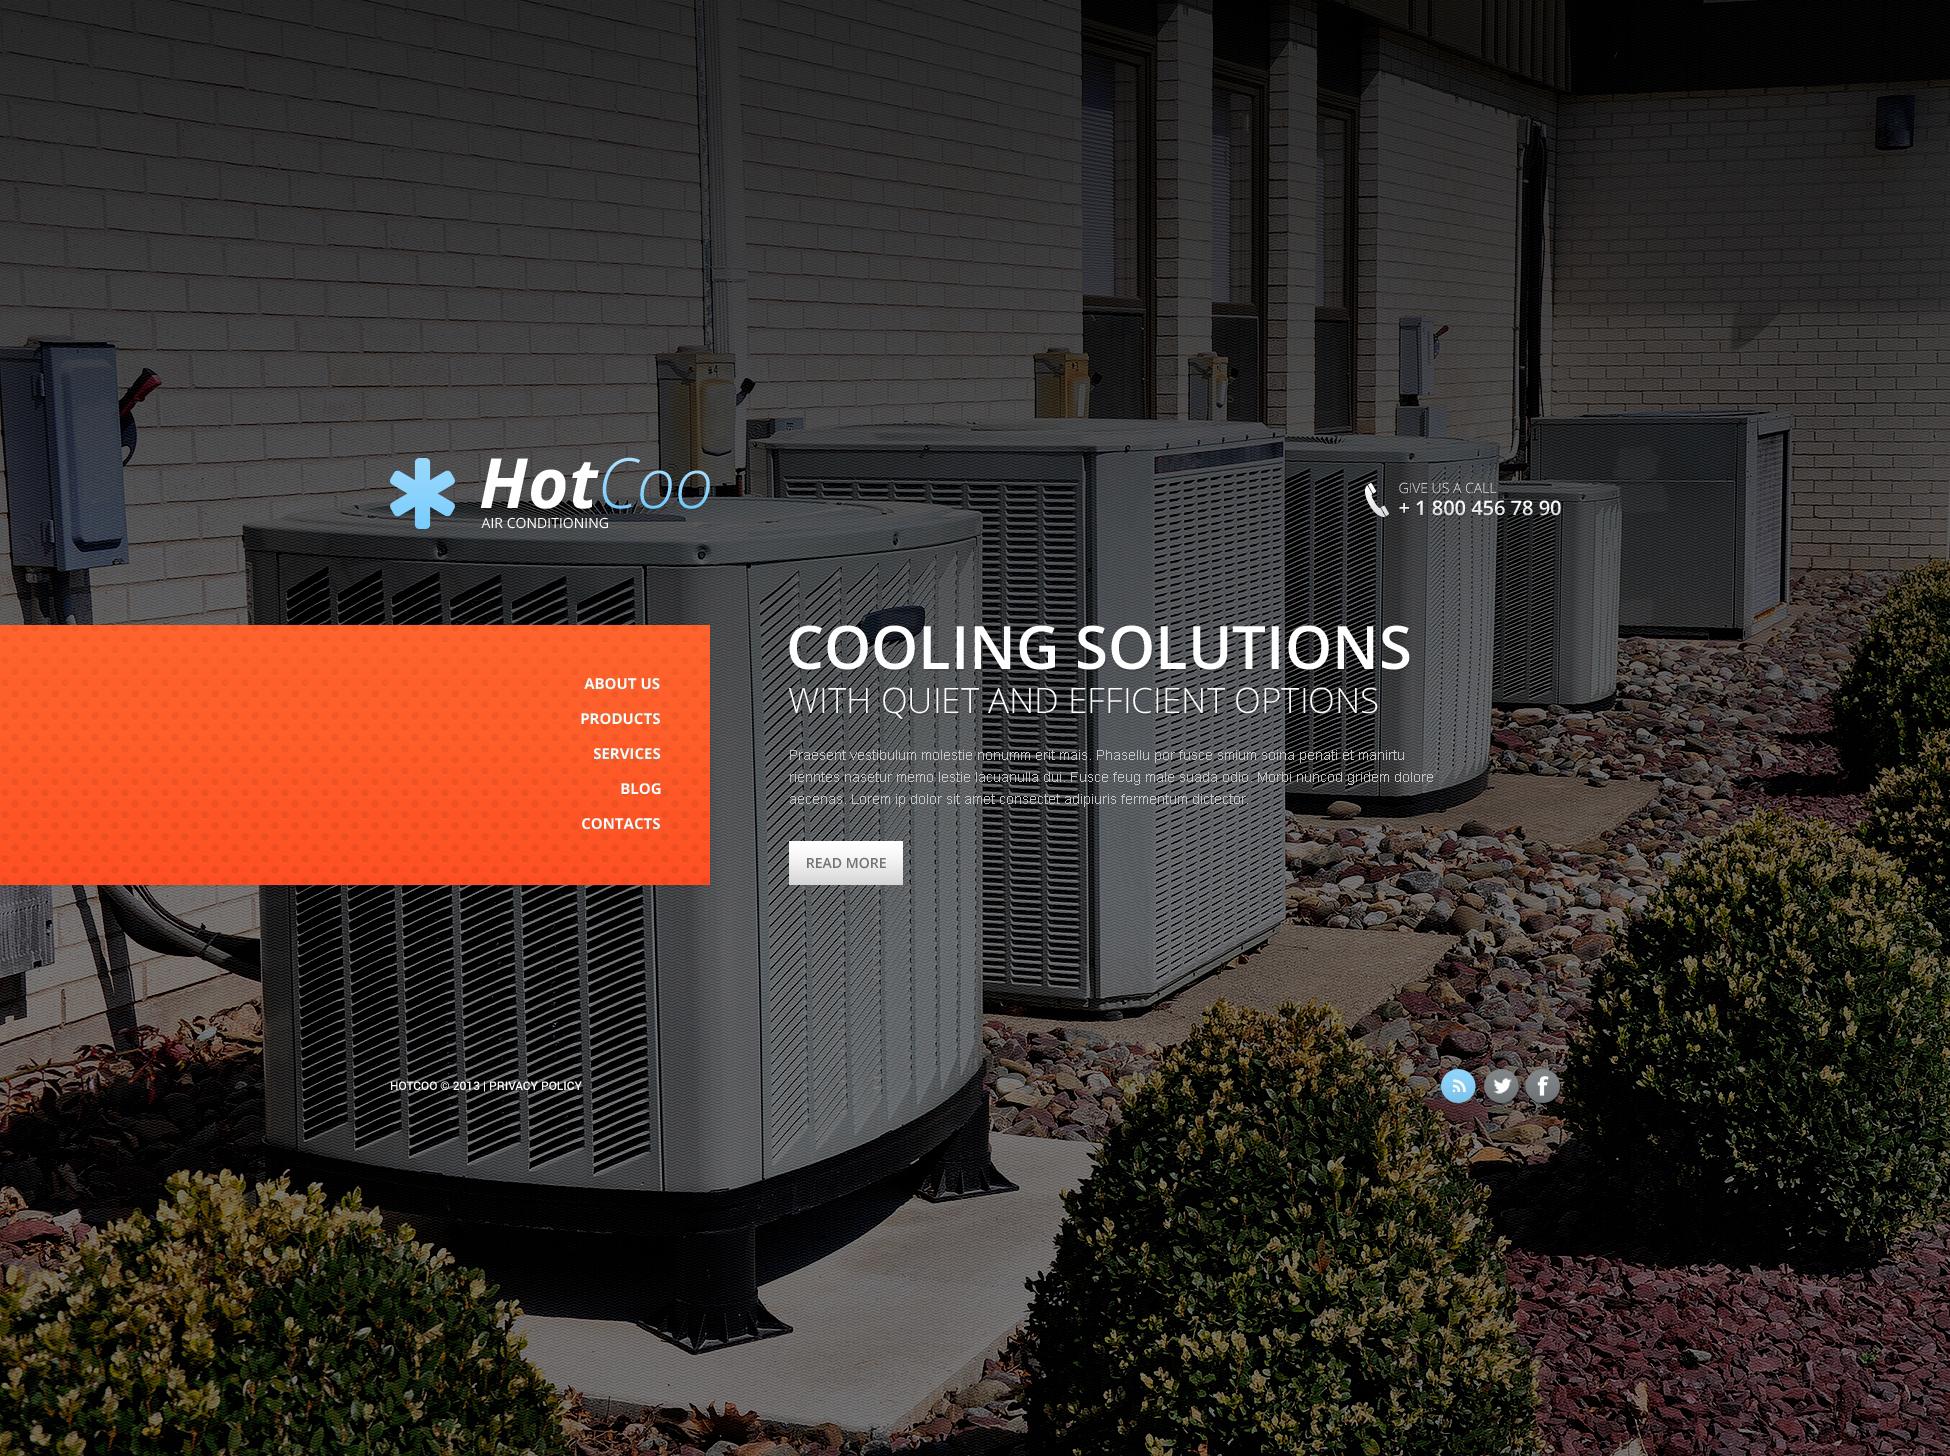 Bootstrap Légkondíciónálás témakörű Weboldal sablon 46184